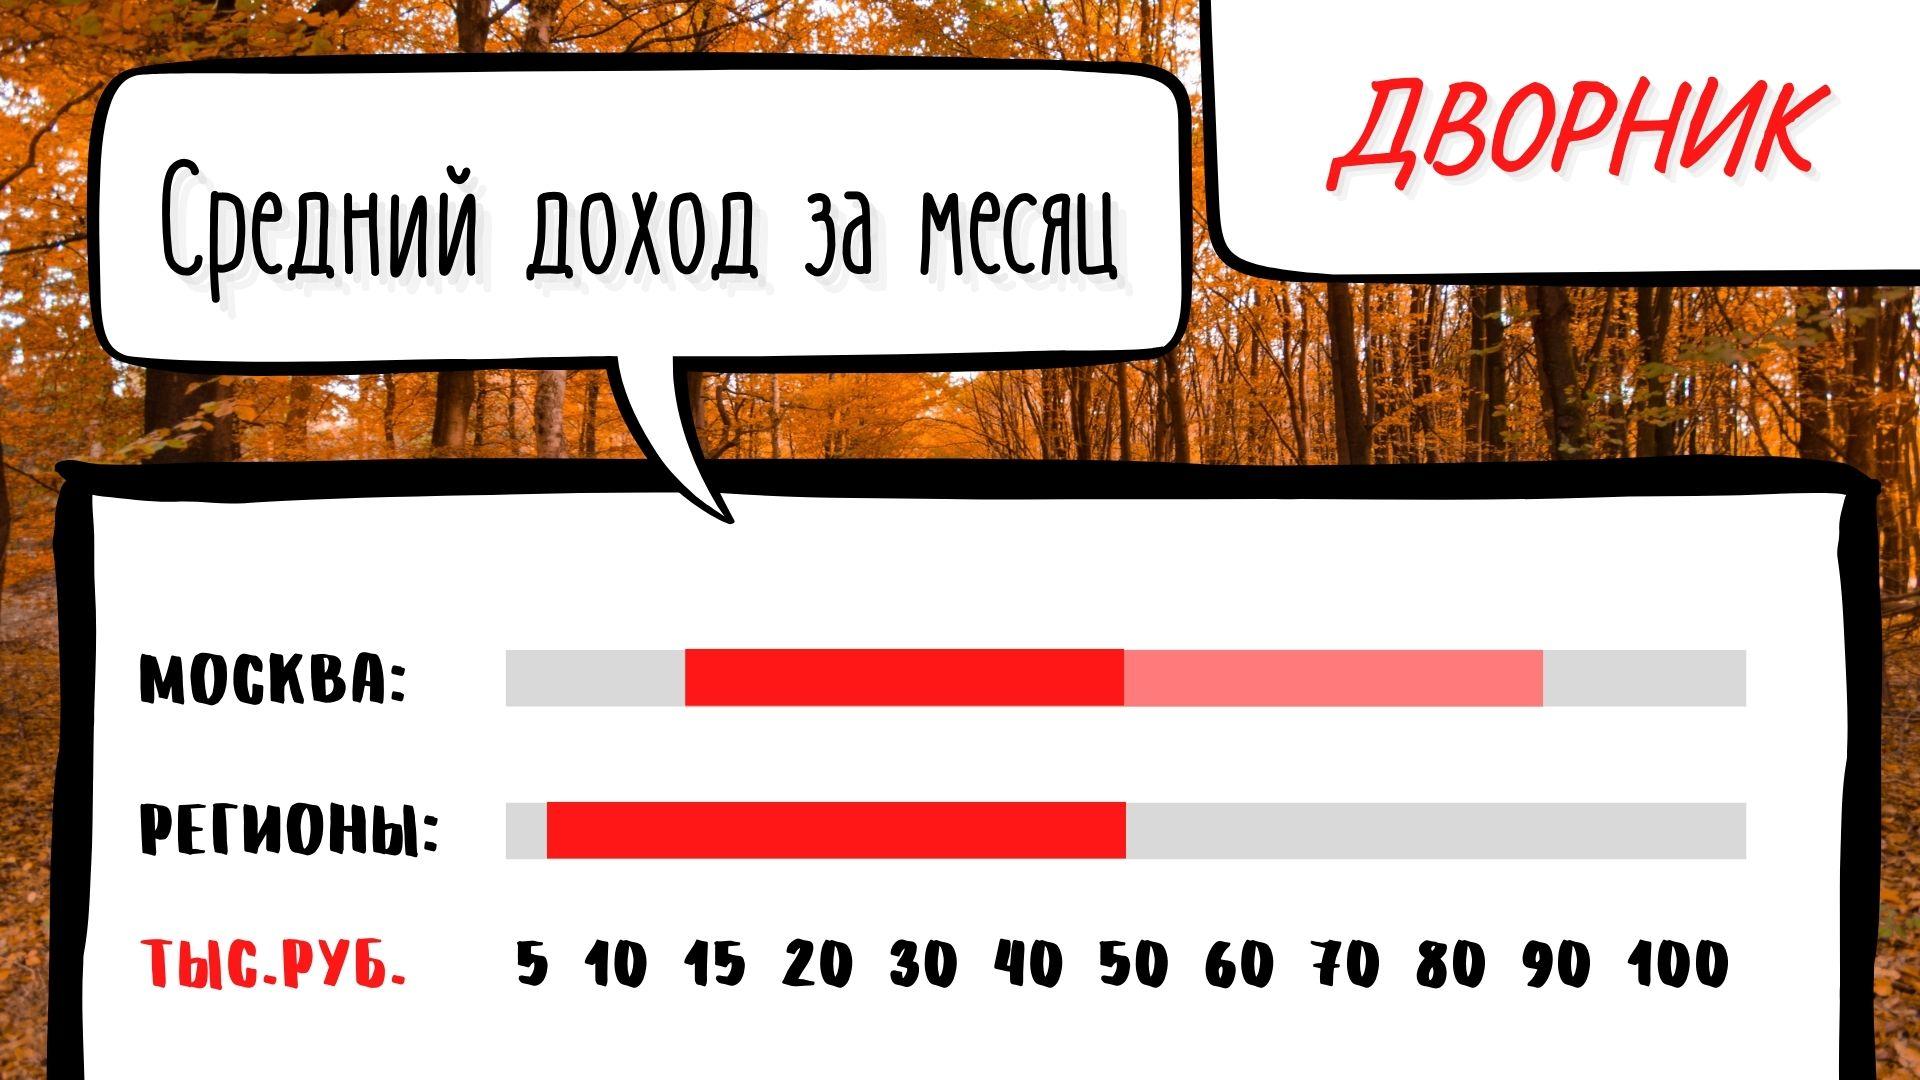 Сколько зарабатывают Дворники в месяц в России. Цифры по городам